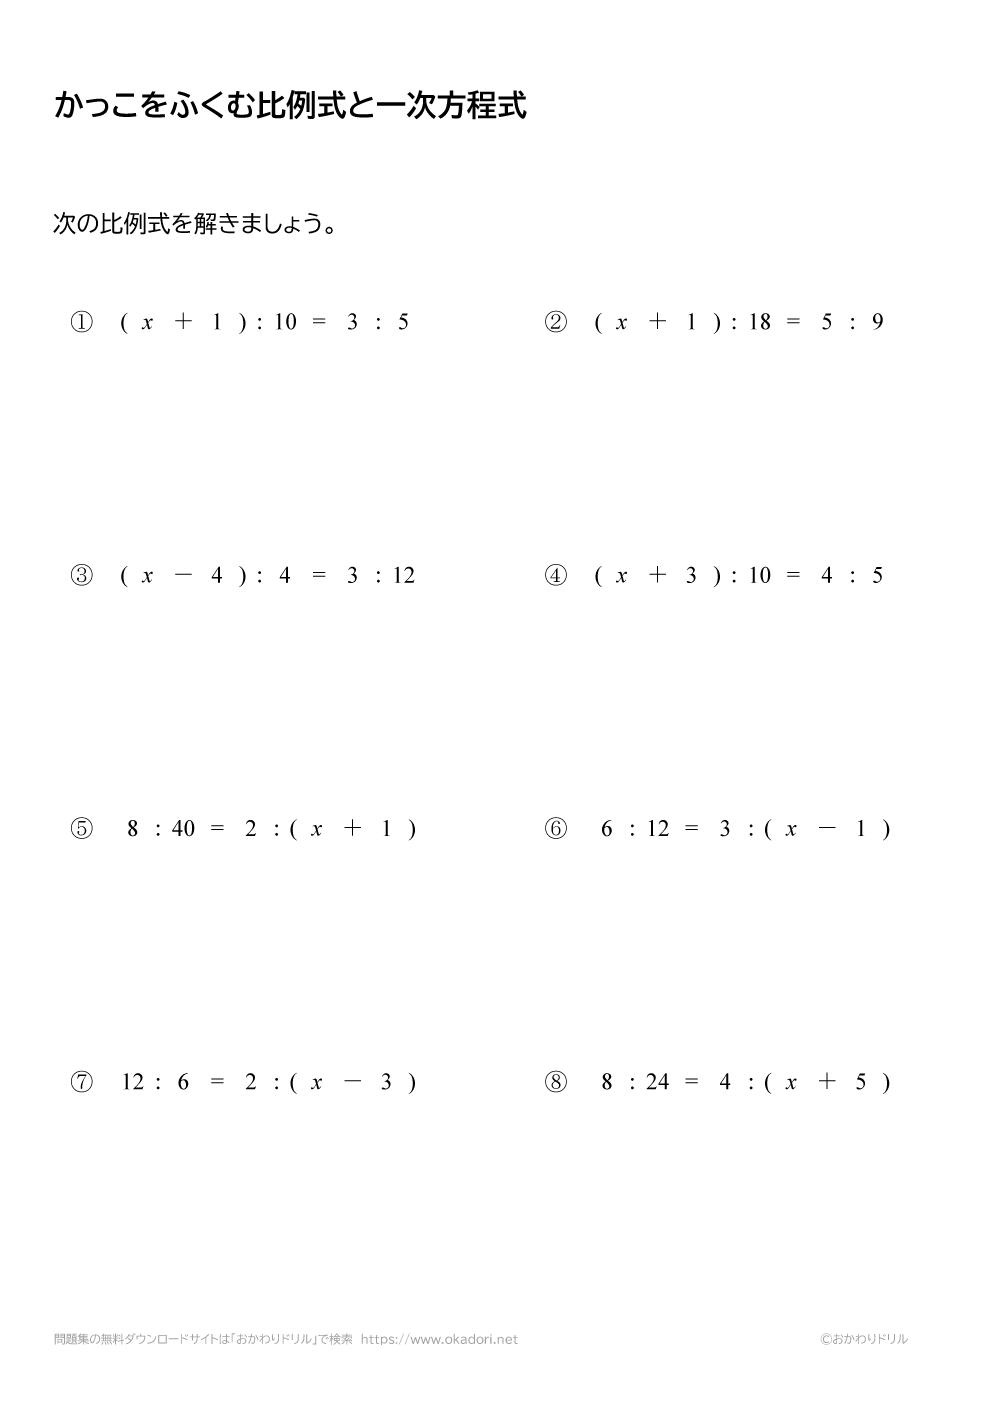 かっこを含む比例式と一次方程式4